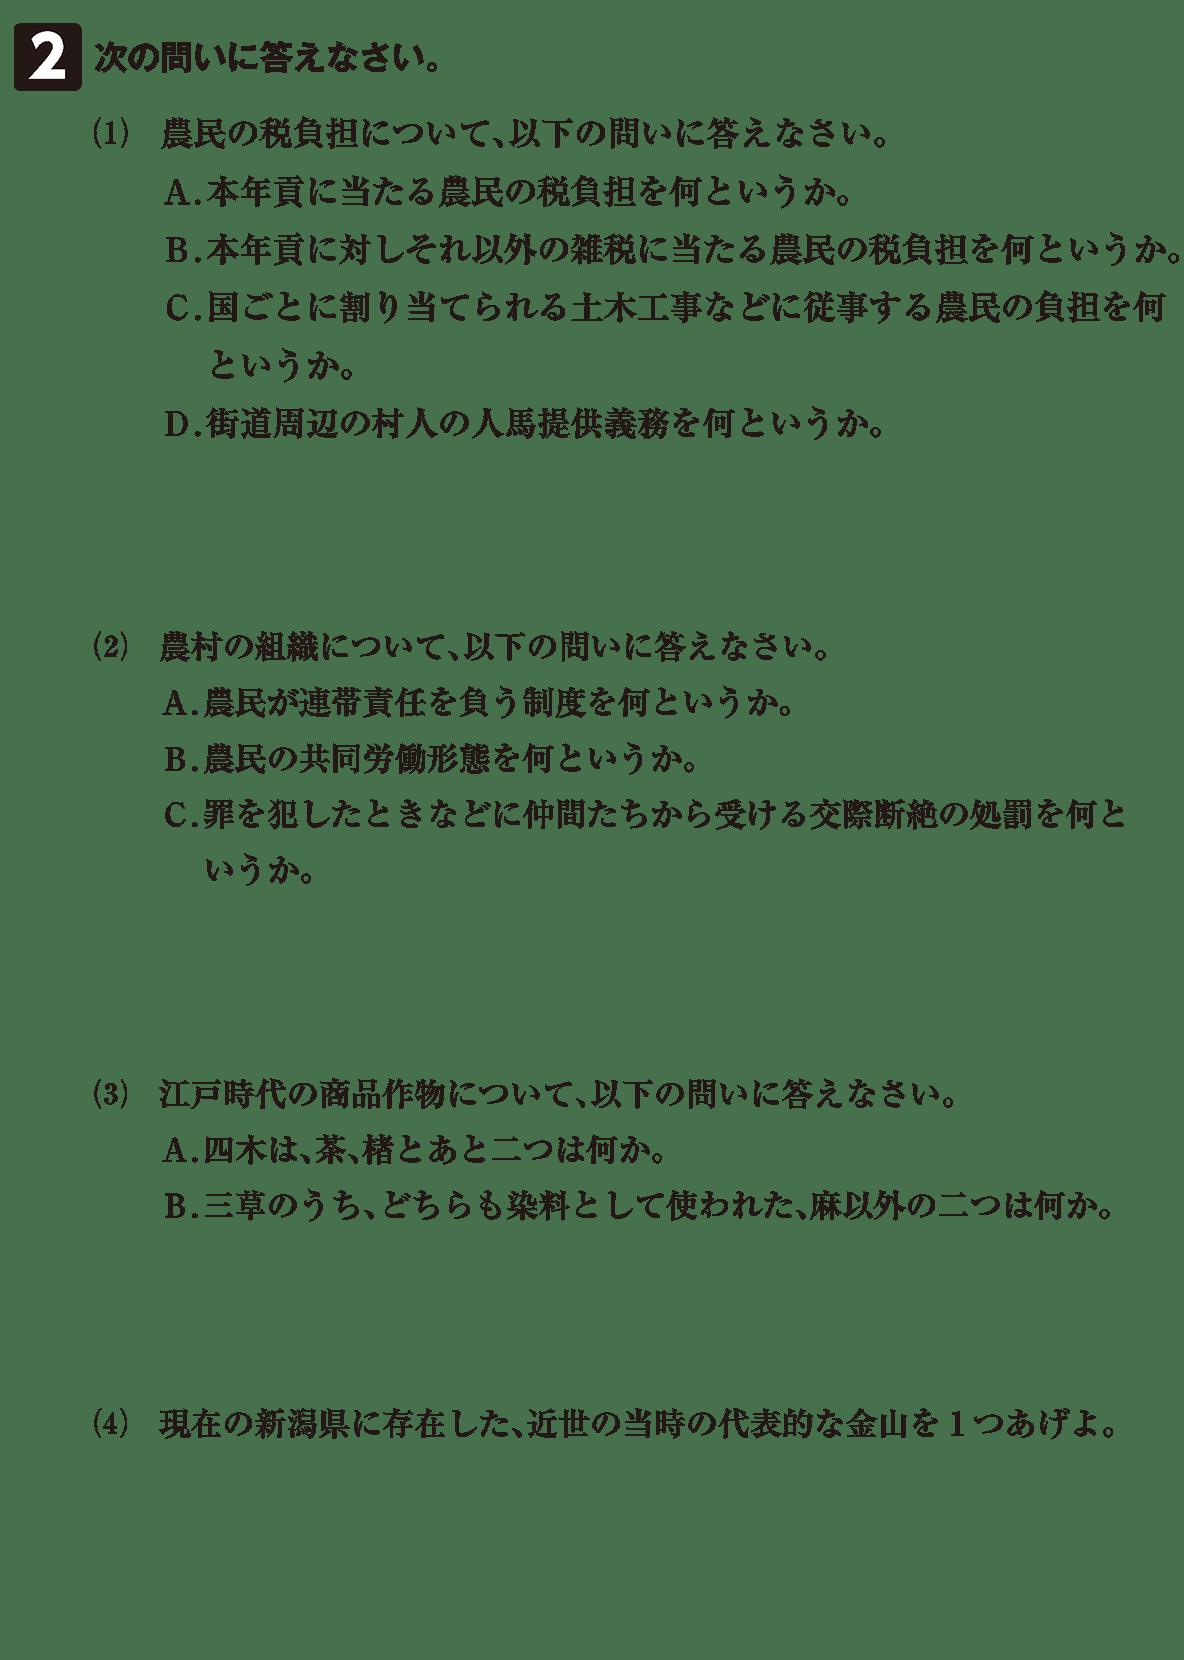 近世27 問題2 カッコ空欄